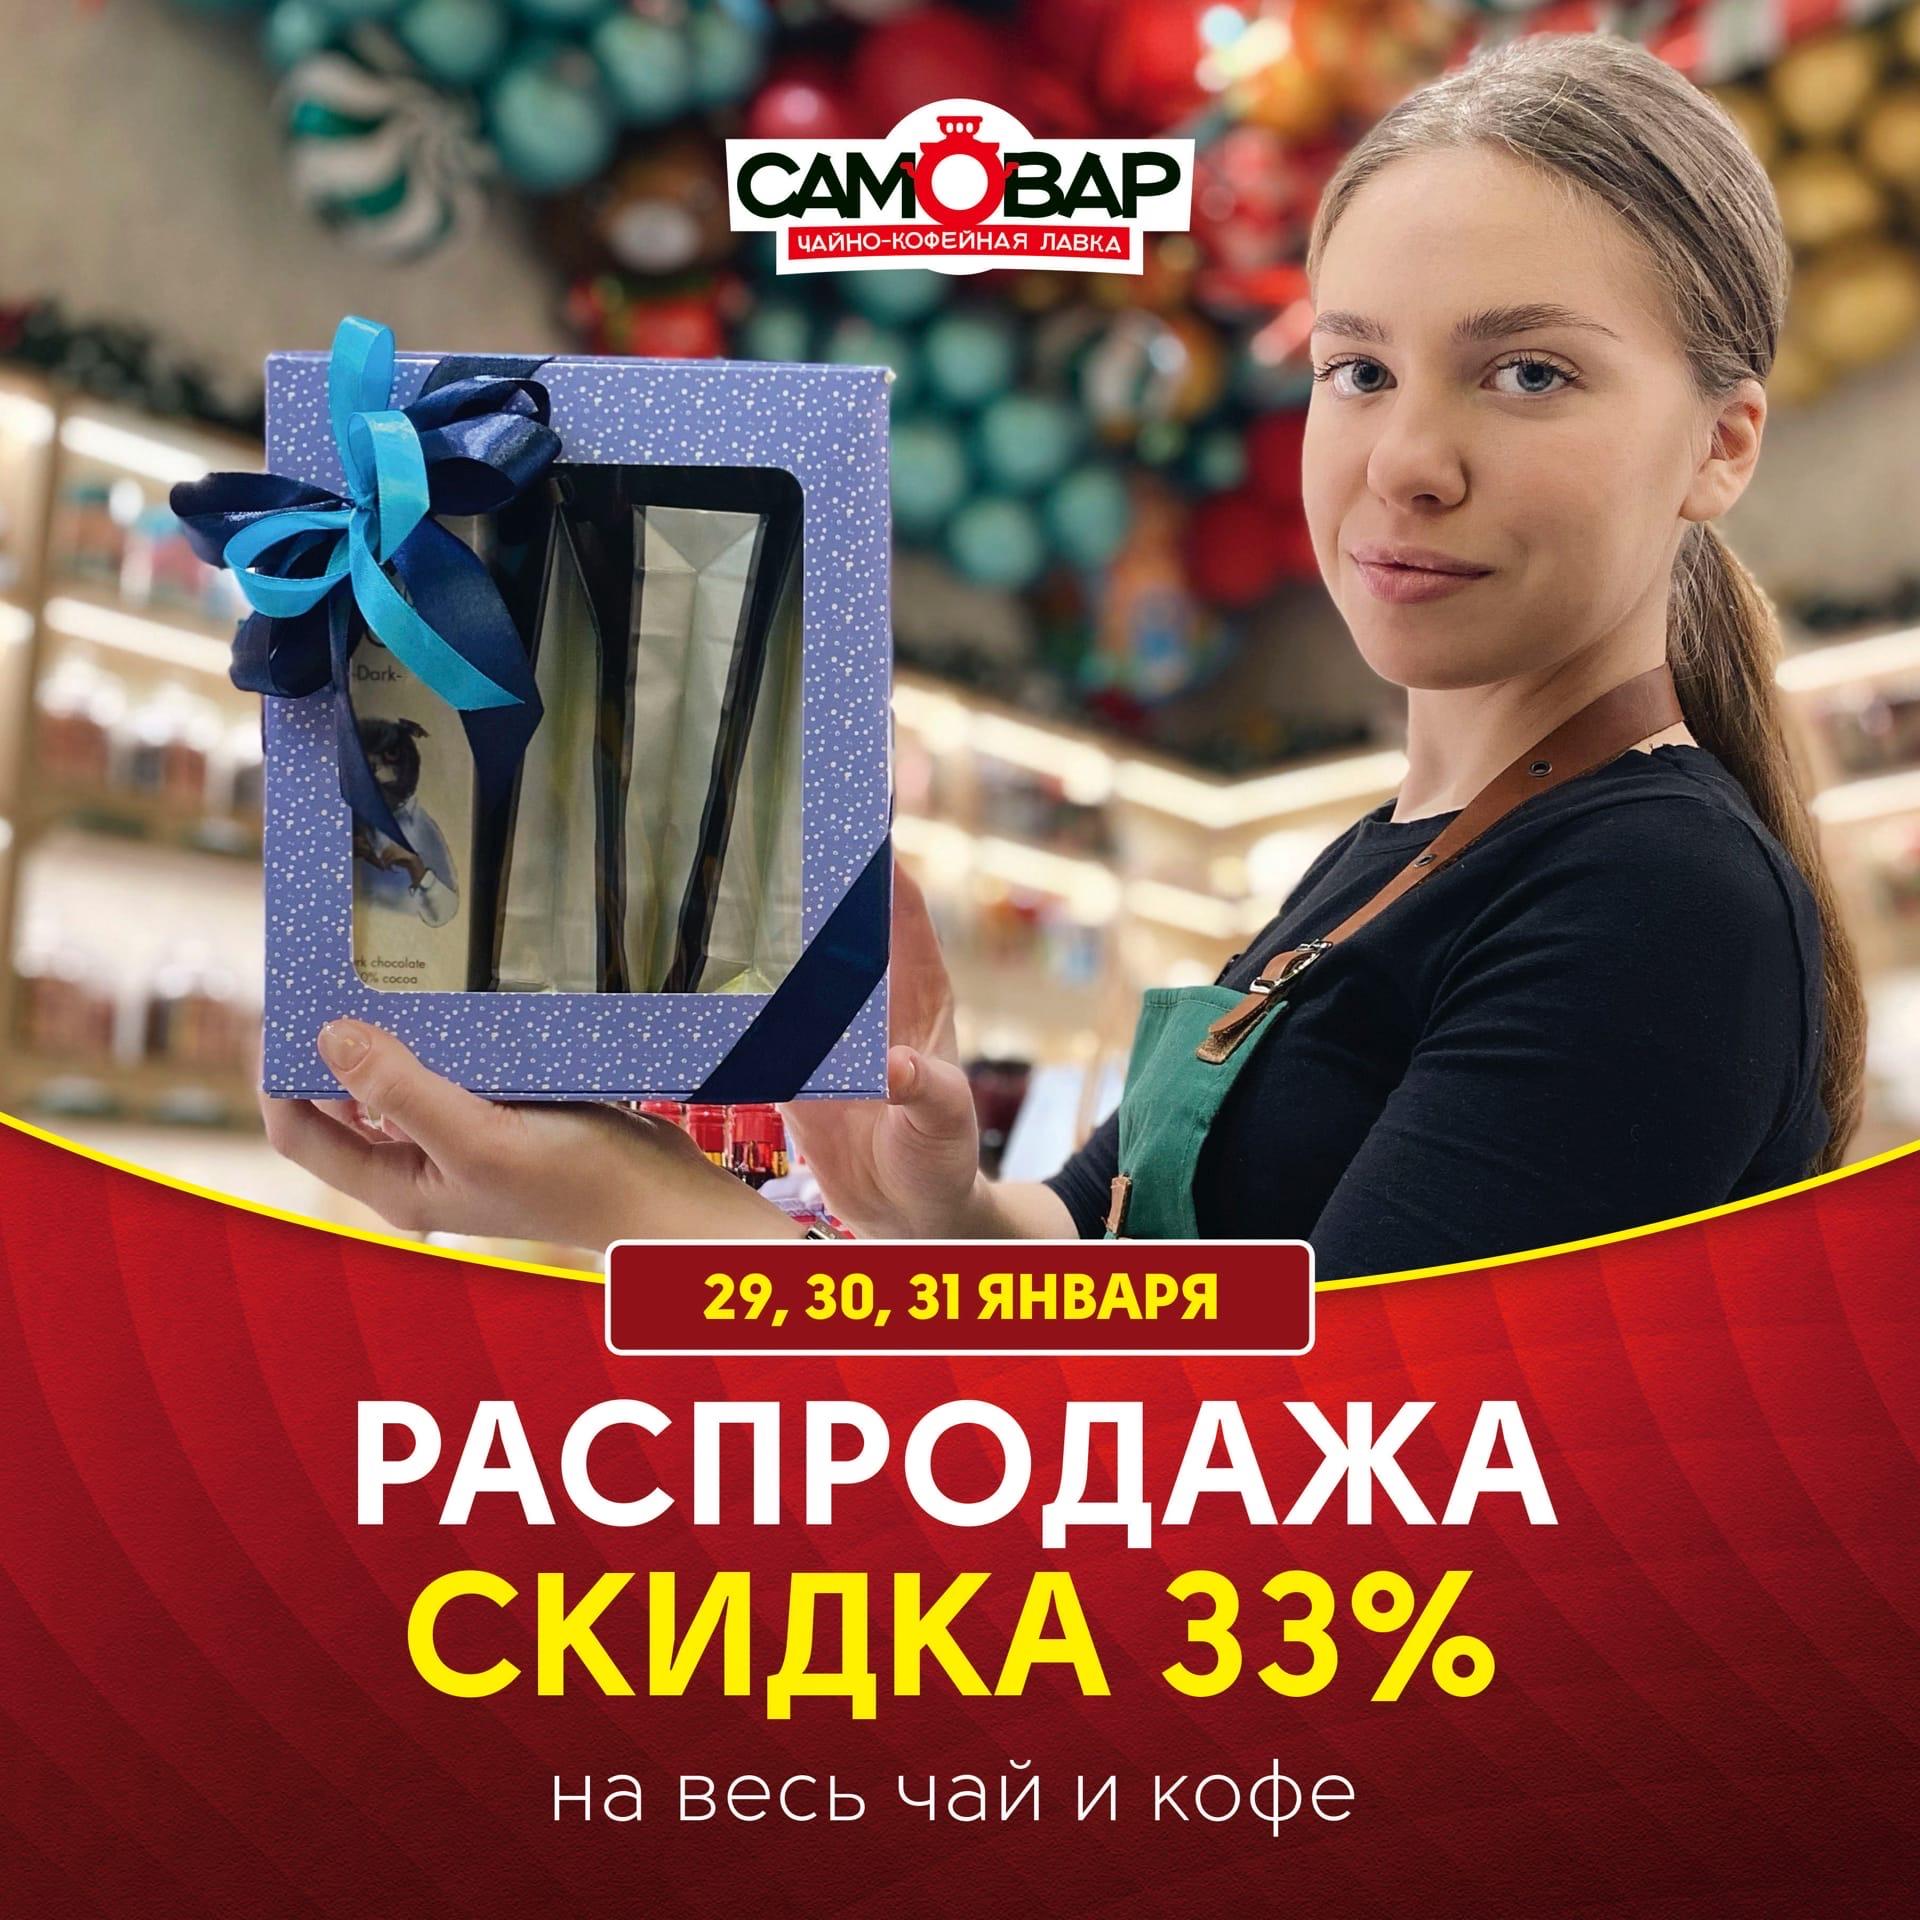 """Распродажа в """"Самоваре""""!"""